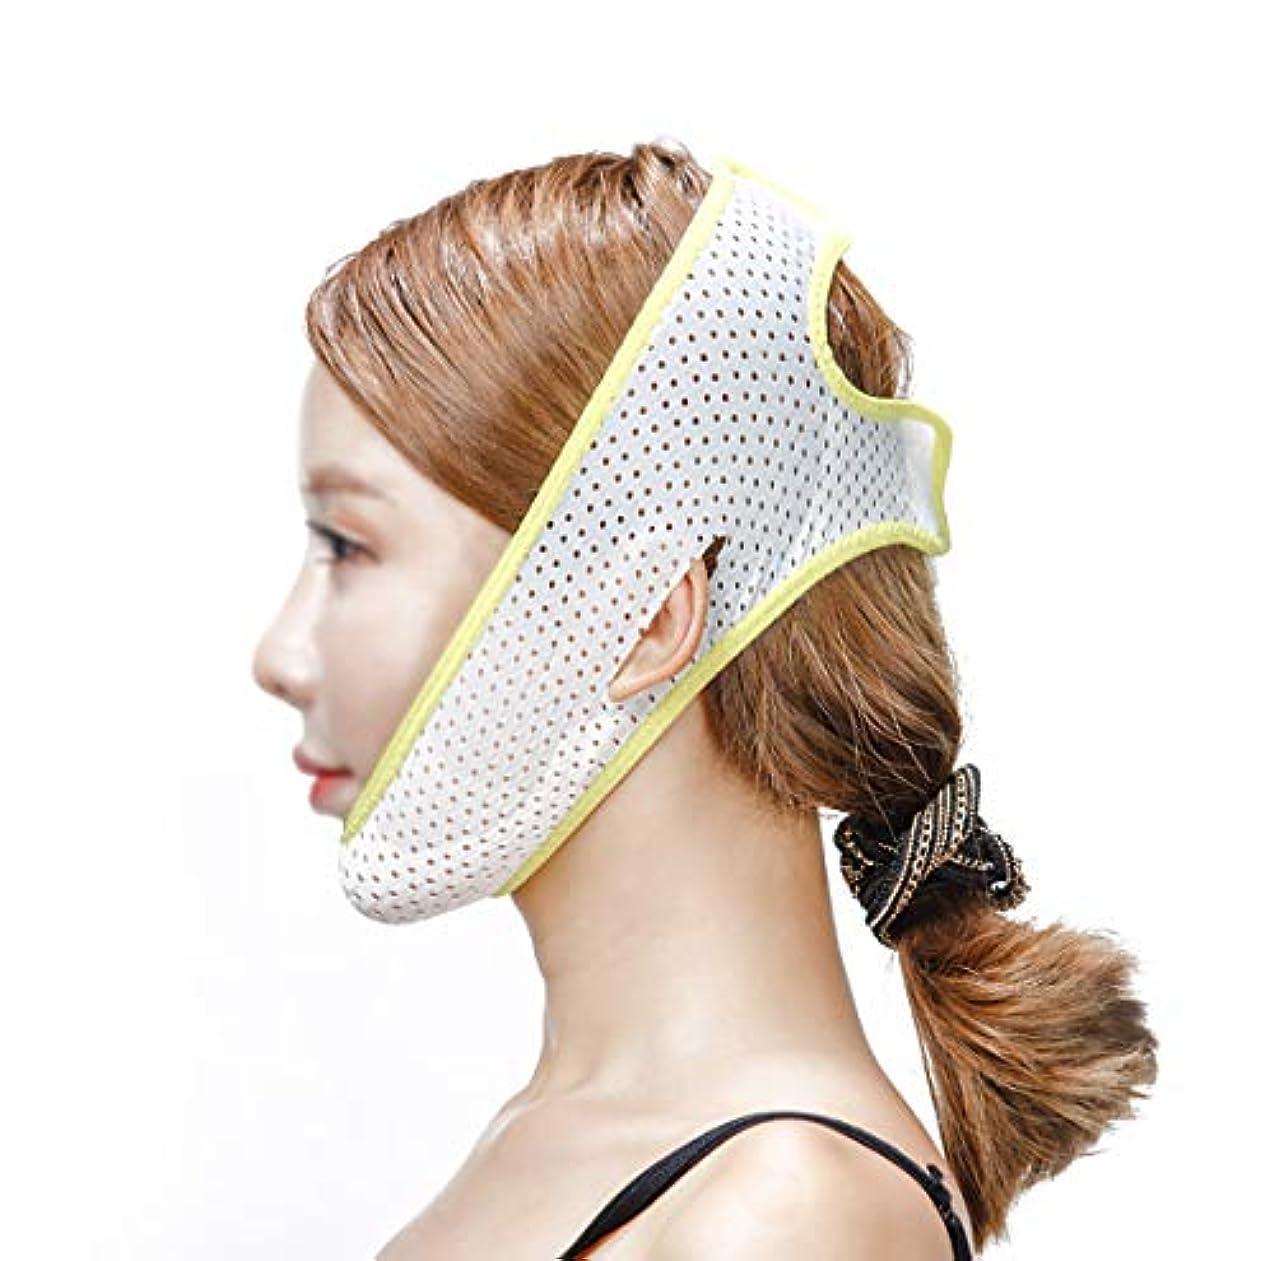 ピカリング圧縮ピアフェイスリフトマスク、あごストラップ回復包帯睡眠薄いフェイス包帯薄いフェイスマスクフェイスリフトアーチファクトフェイスリフト美容マスク包帯で小さなvの顔を強化する (Color : Yellow and white)